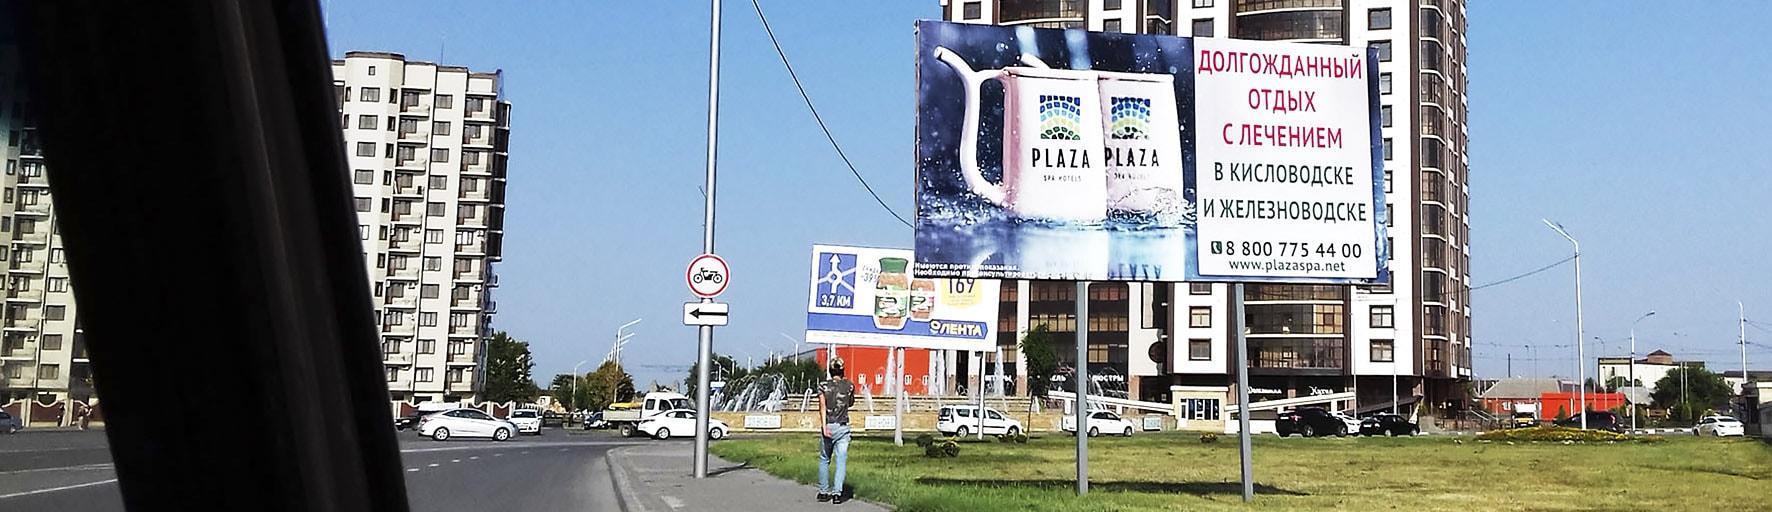 Наружная реклама в Грозном Чеченская Республика